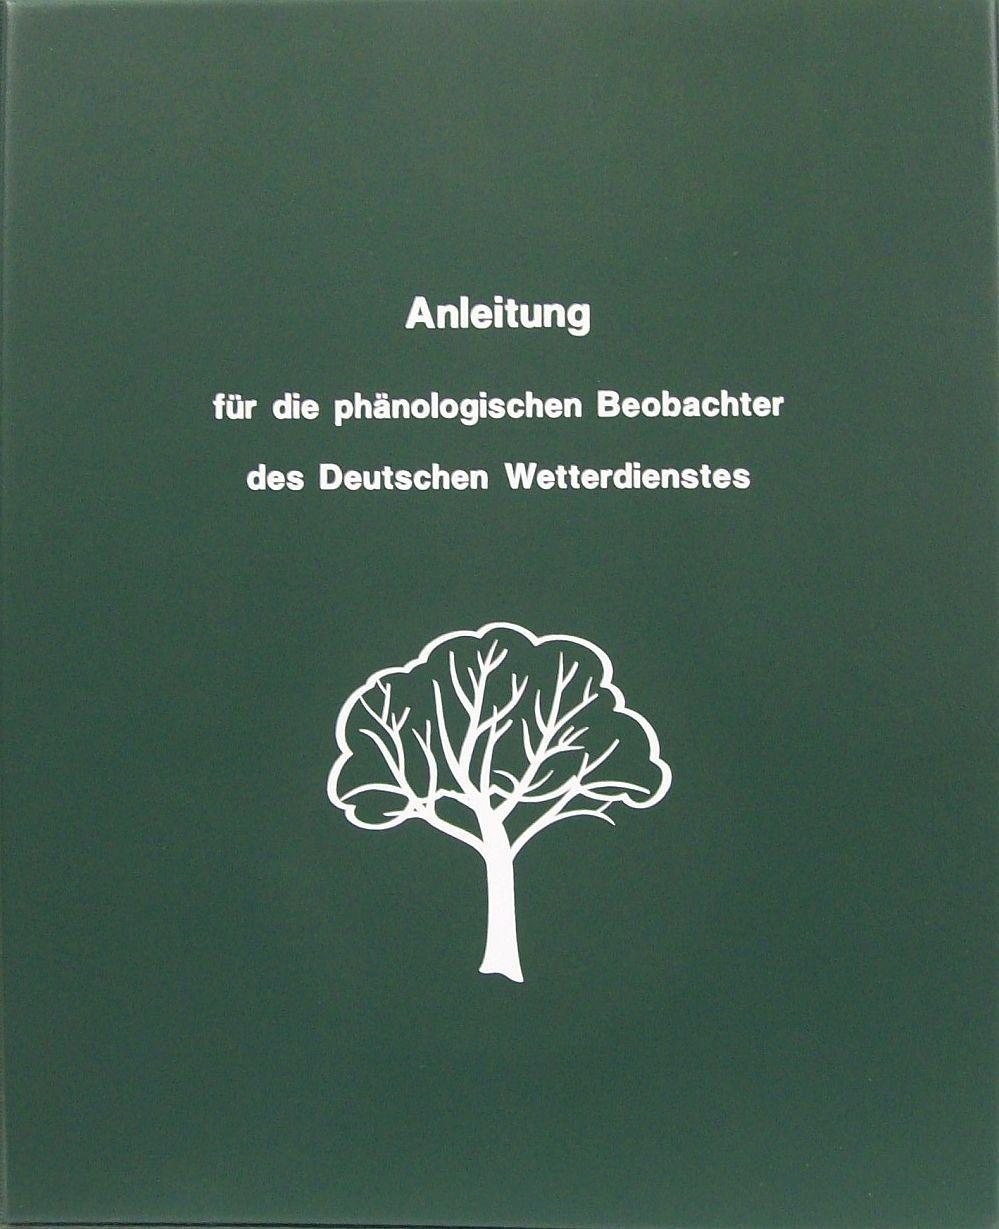 Titelseite der Publikation Anleitung für die phänologischen Beobachter des Deutschen Wetterdienstes (VuB Nr. 17)